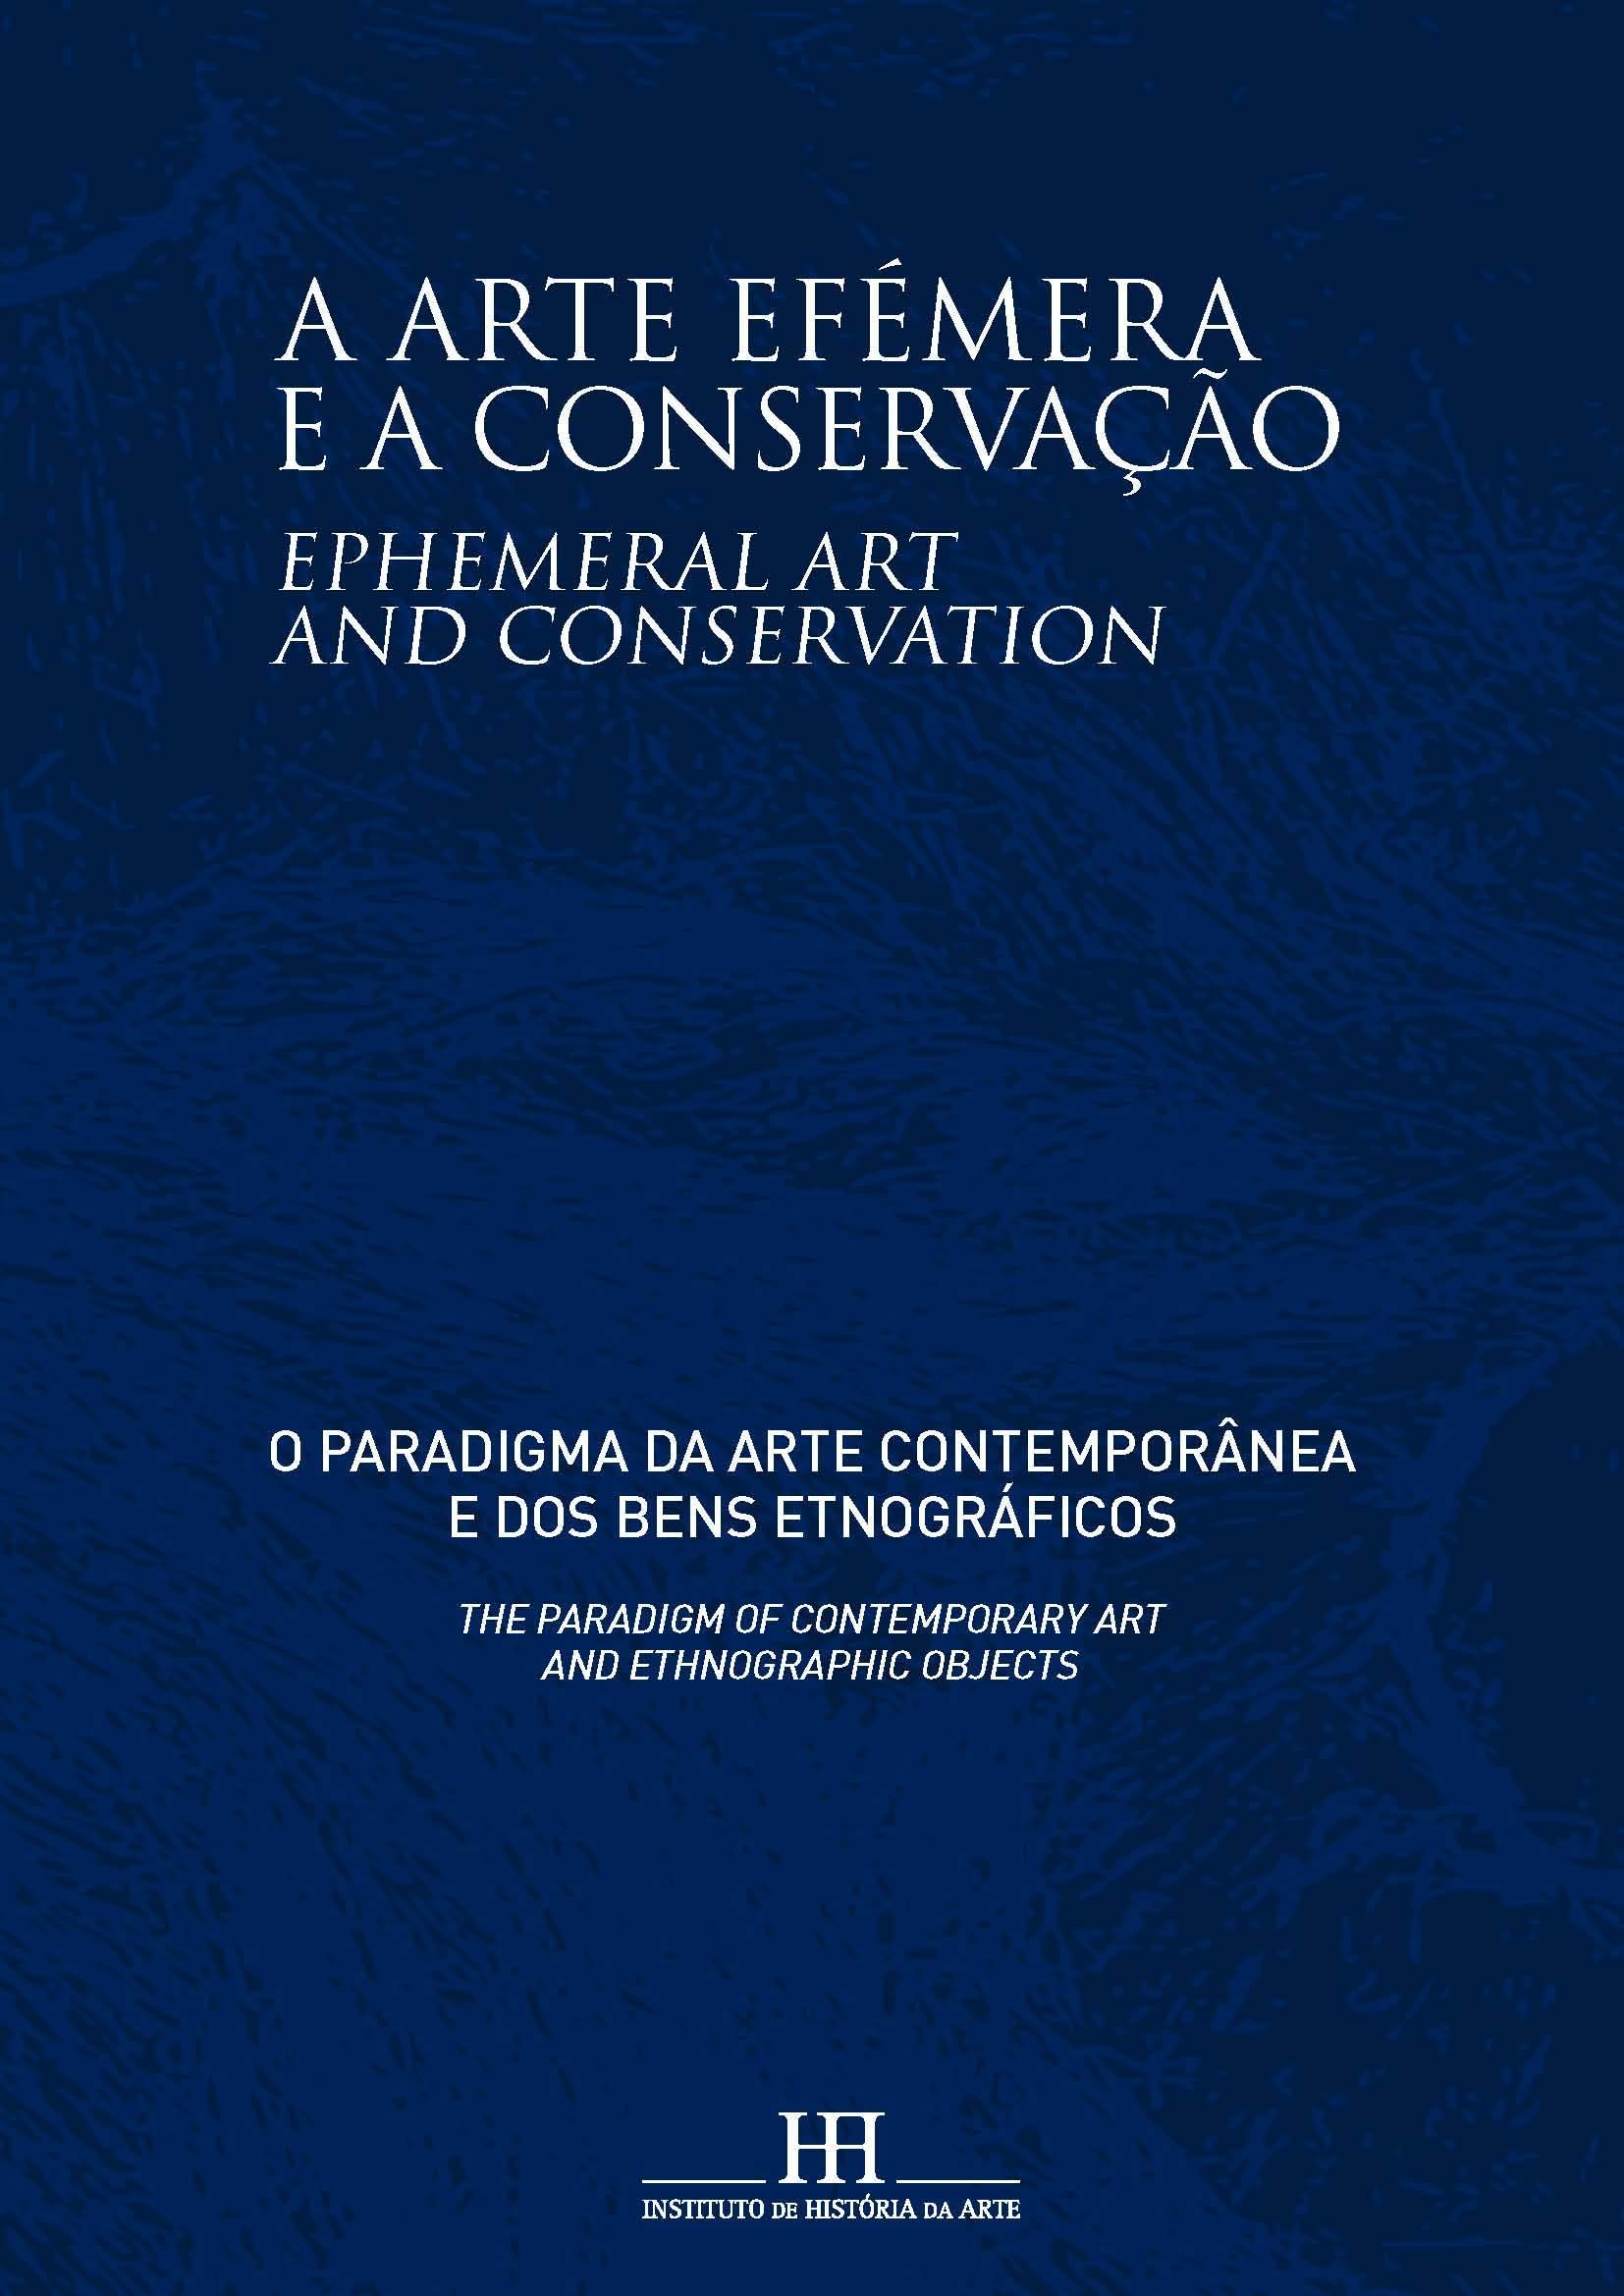 A arte efémera e a conservação : o paradigma da arte contemporânea e dos bens etnográficos. Raquel Henriques da Silva